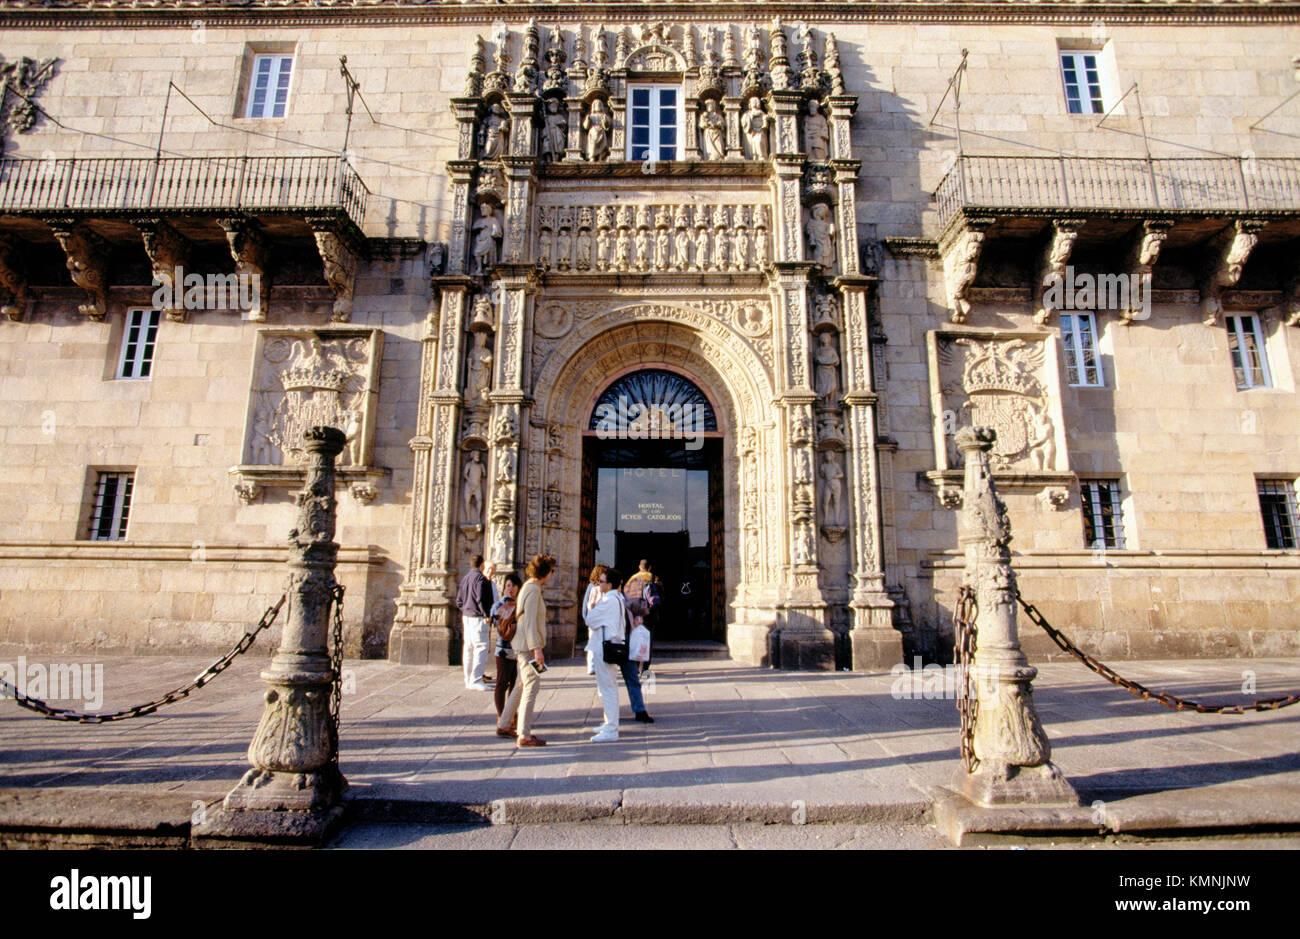 Hostal de los Reyes Católicos. Santiago de Compostela. Galicia. Spain - Stock Image